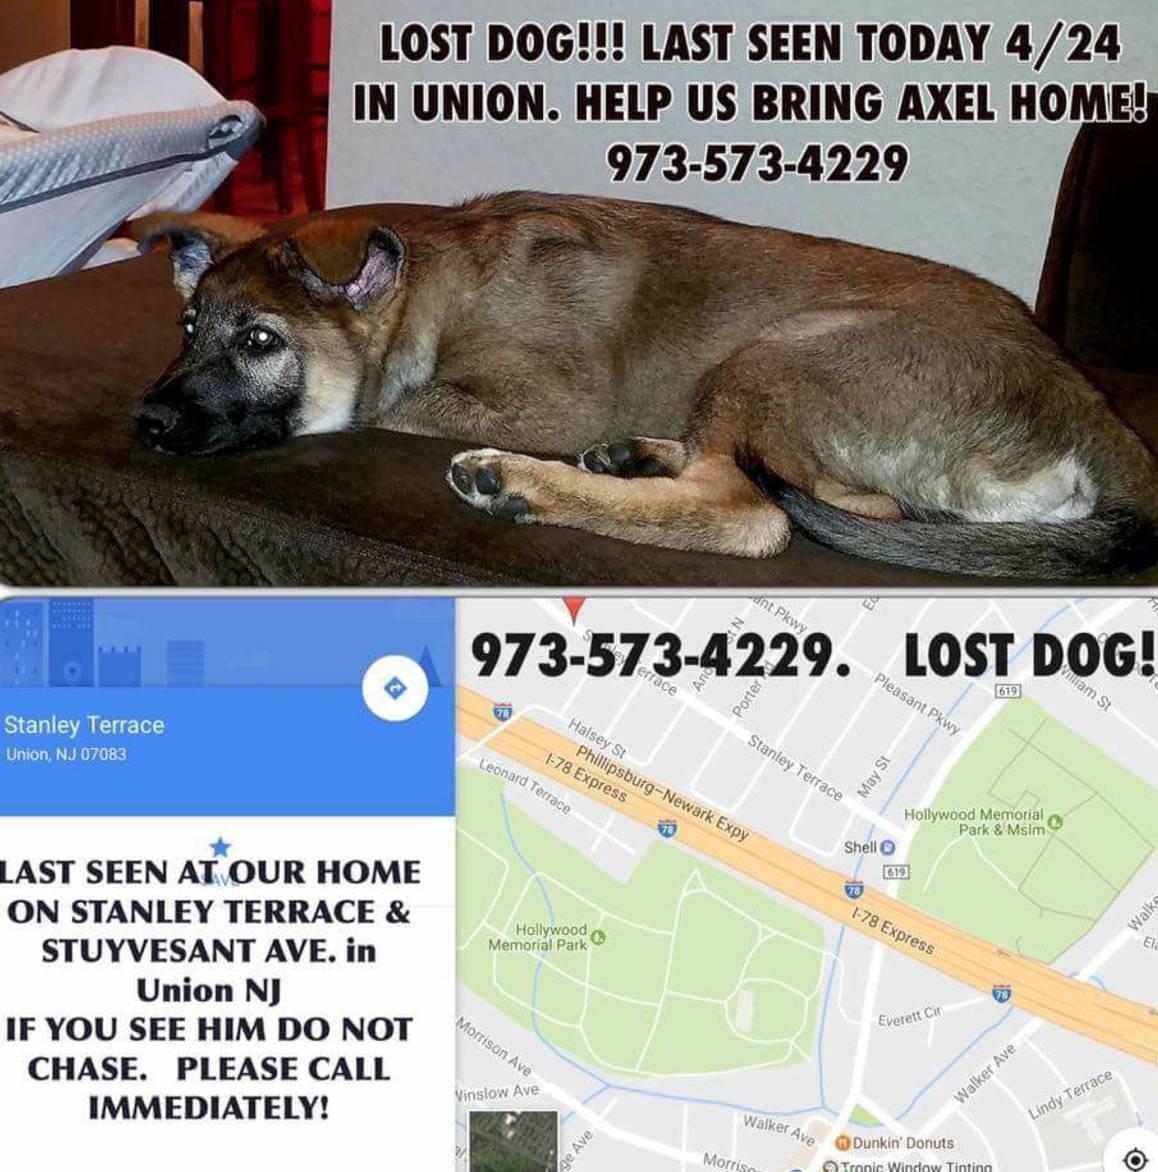 de2341041302370033f6_92c45dba537078262d1f_missing_dog_-_axel.jpg